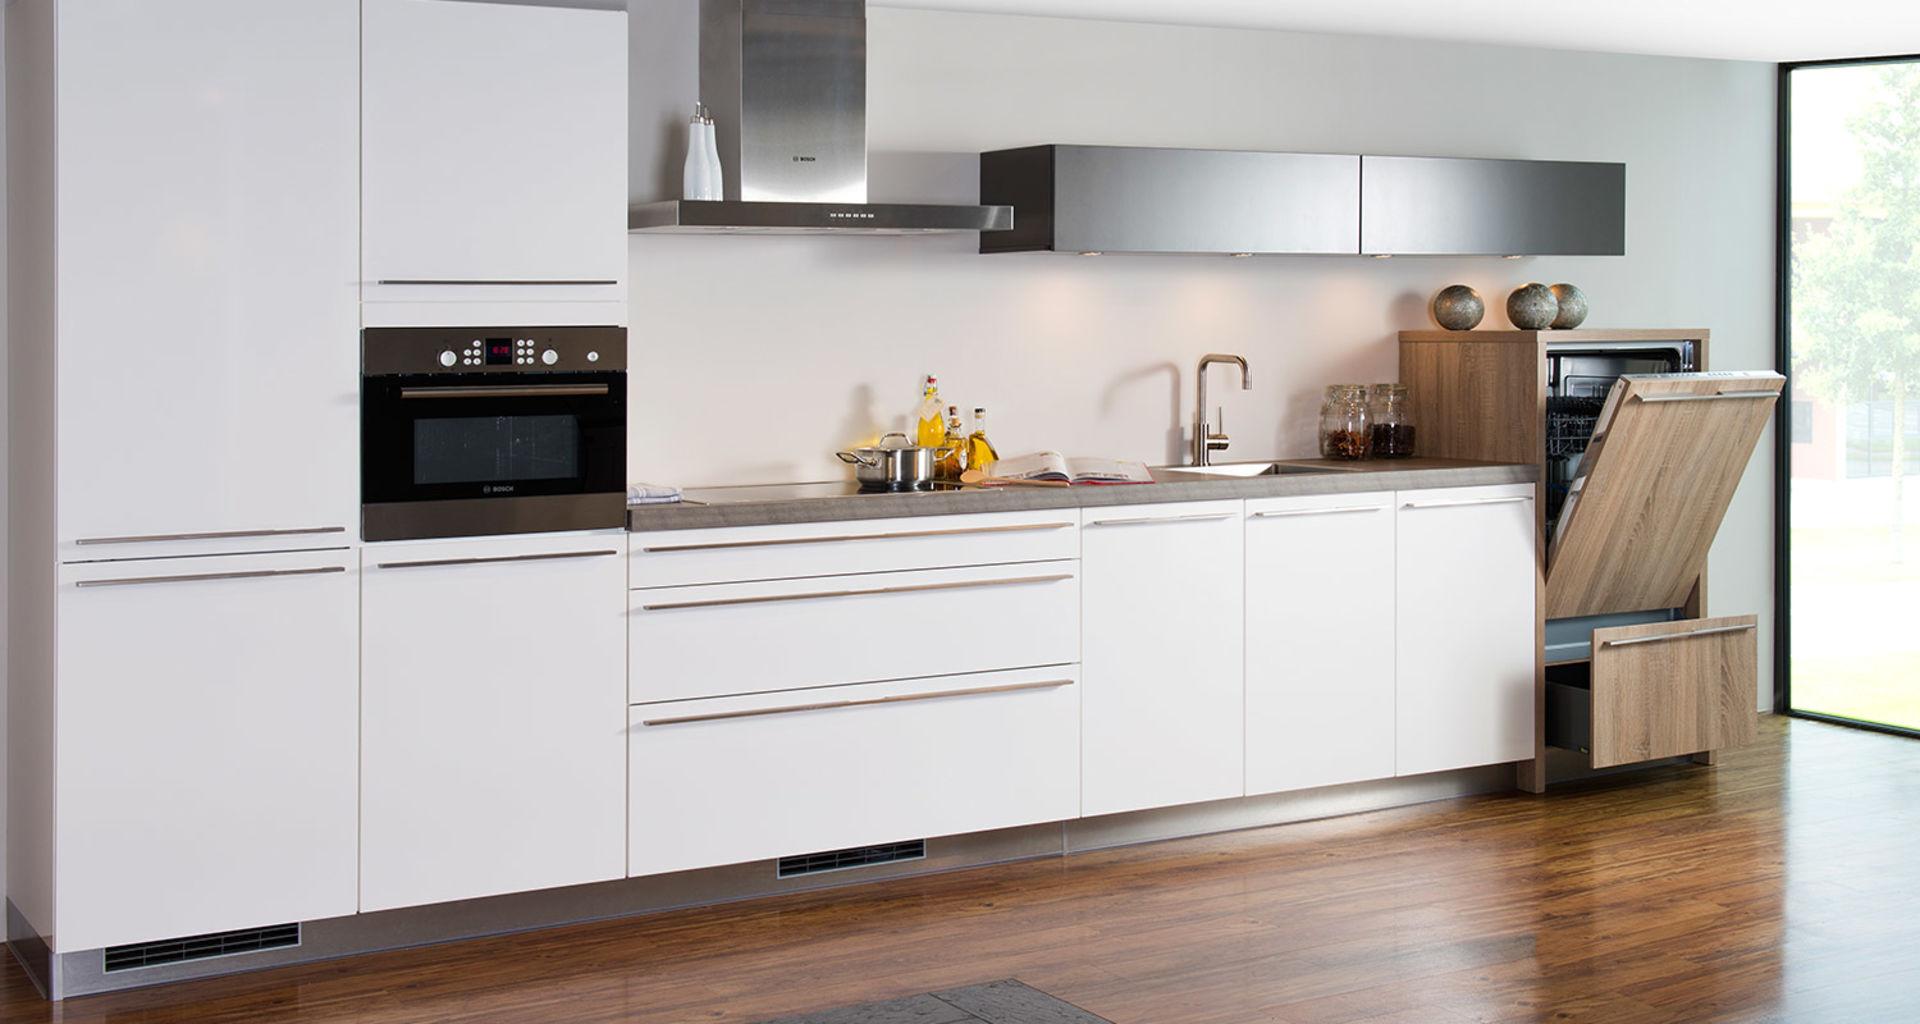 Bestel het gratis keukenmagazine van Tulp Keukens